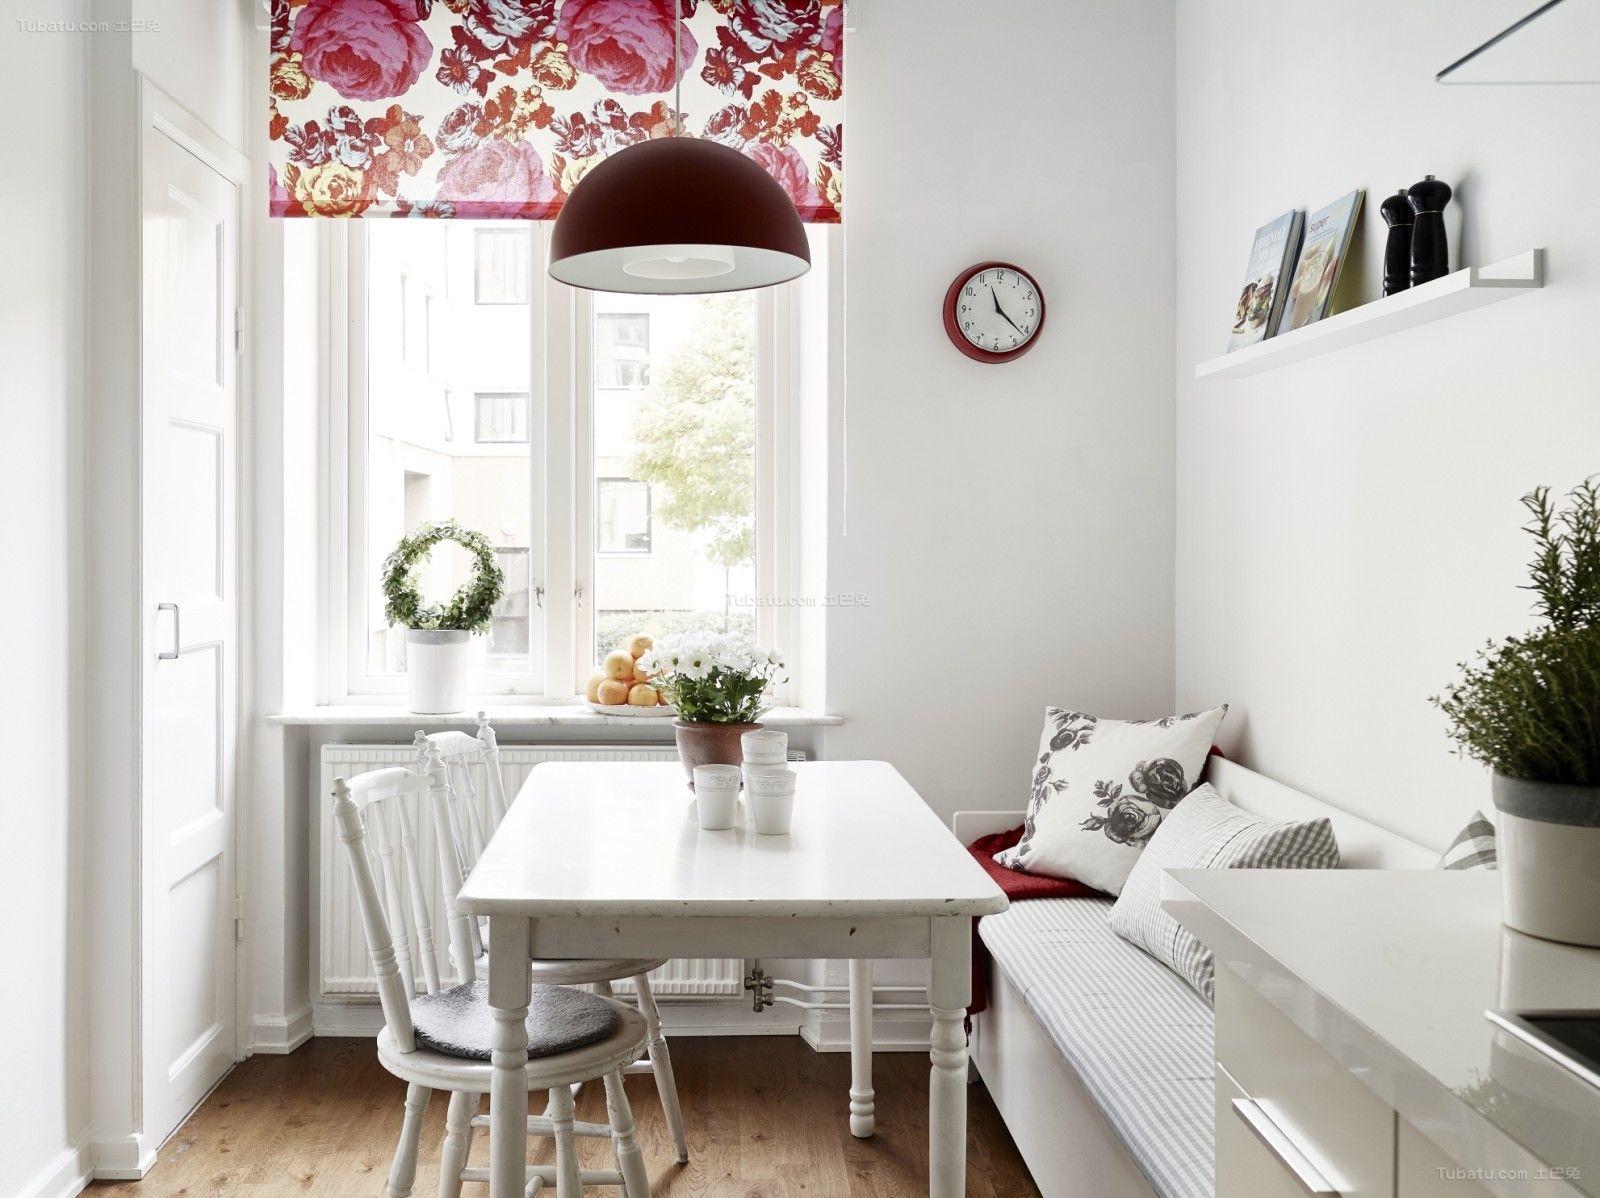 北欧清新家装系列餐厅设计效果图